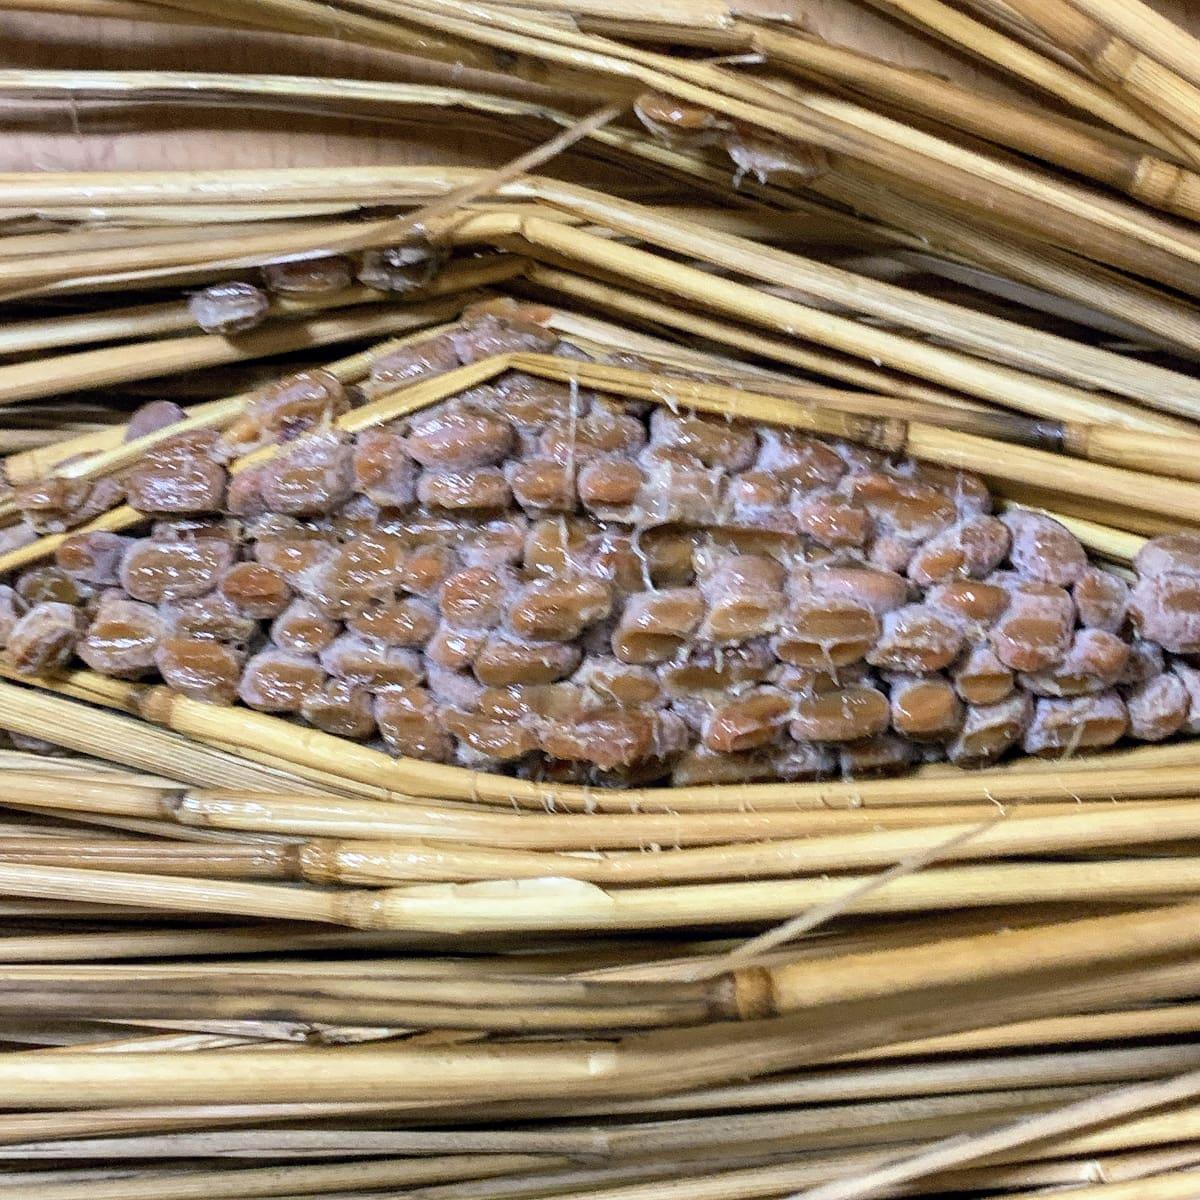 だるま食品「わら納豆」の、藁の中の納豆の画像